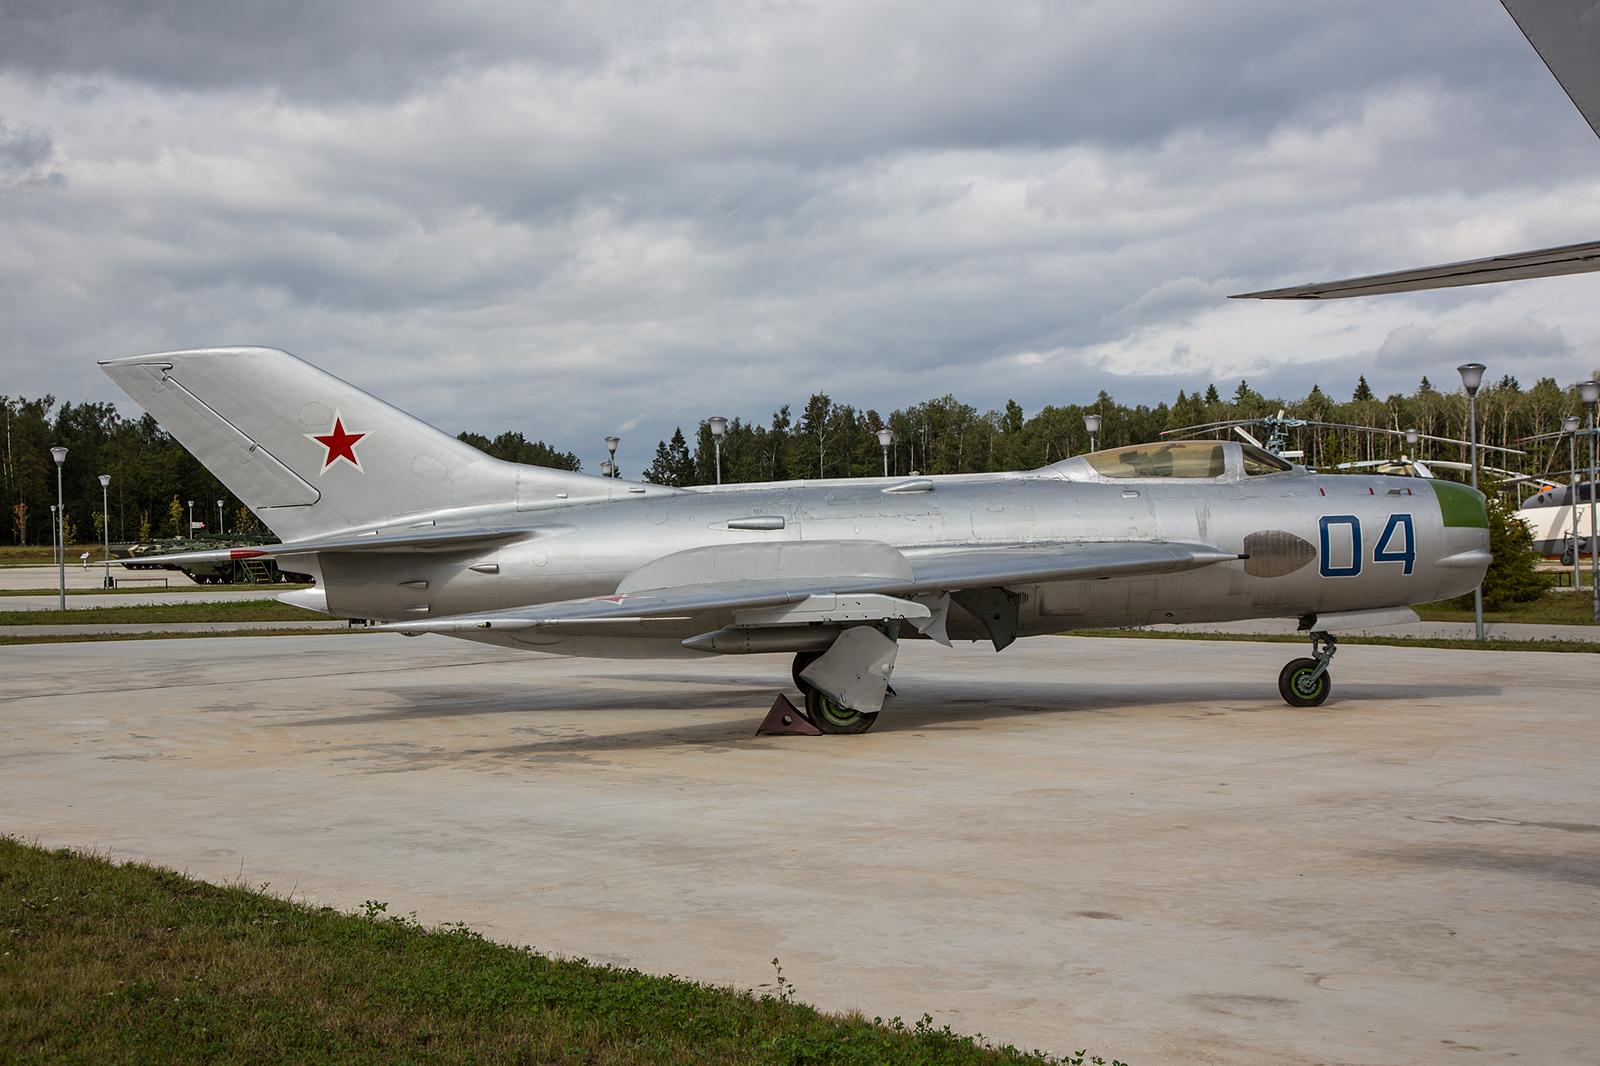 Die MiG-19, war einer der ersten Allwetterjäger aus dem OKB Mikoyan-Gurewitsch.